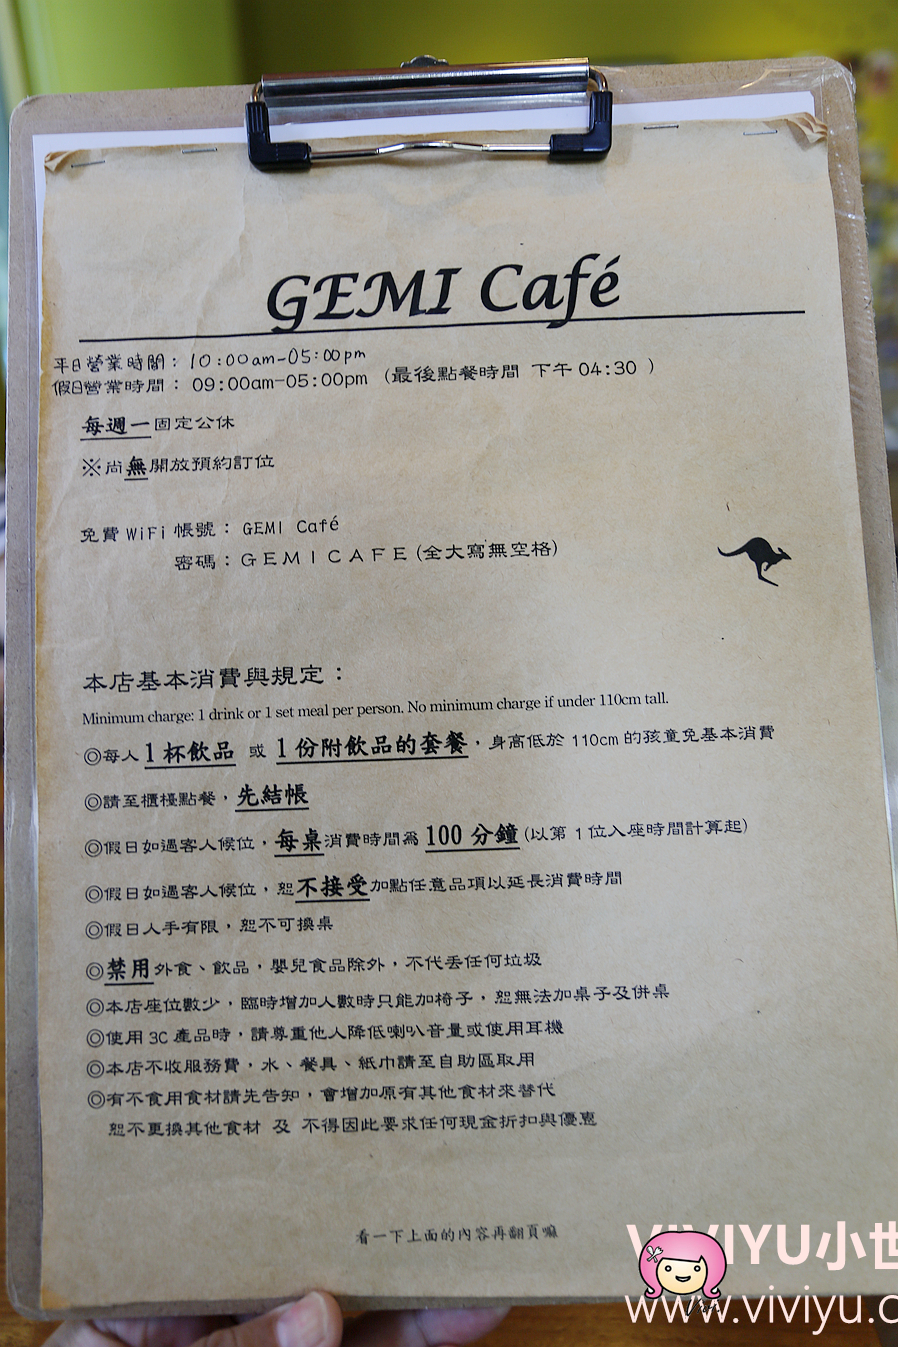 [桃園.美食]GEMI Cafe 袋鼠咖啡★中正藝文特區★供應早午餐Brunch.有趣的咖啡拉花~限量彩虹蛋糕 @VIVIYU小世界